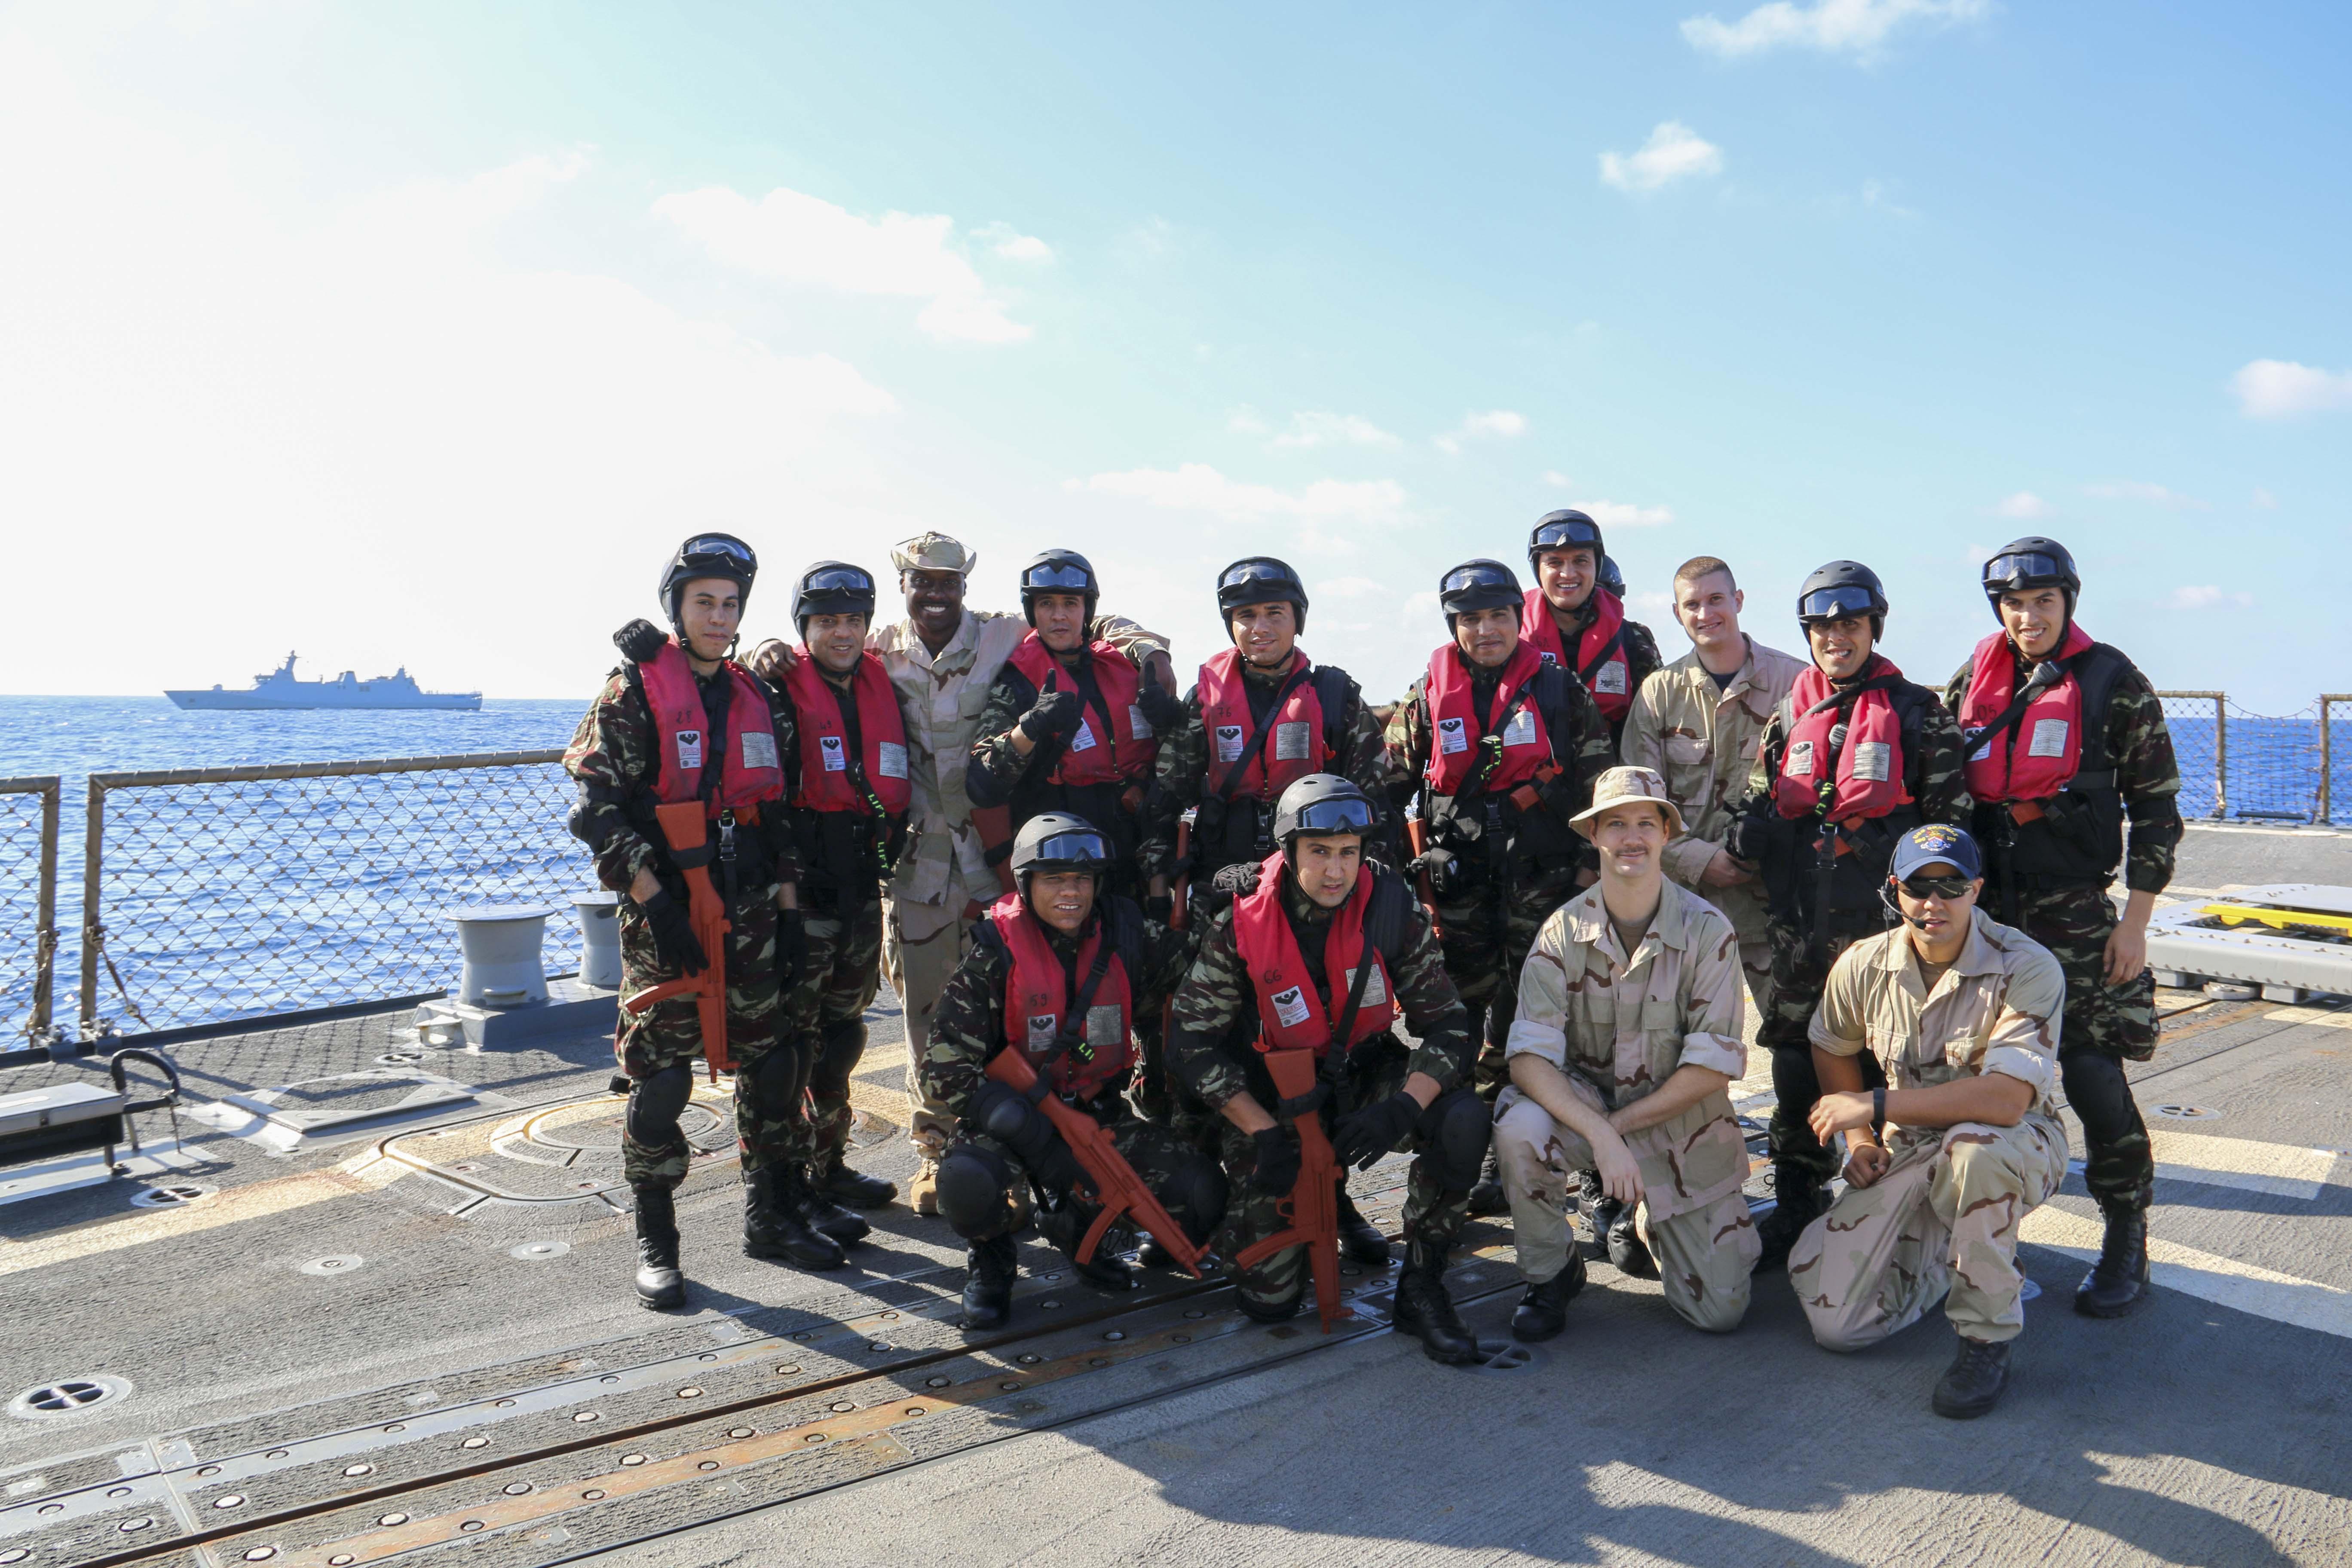 Passex 2015 : USS Gravely en exercice avec la frégate RMN Sultan Moulay Ismail  23401675932_4b575591d0_o